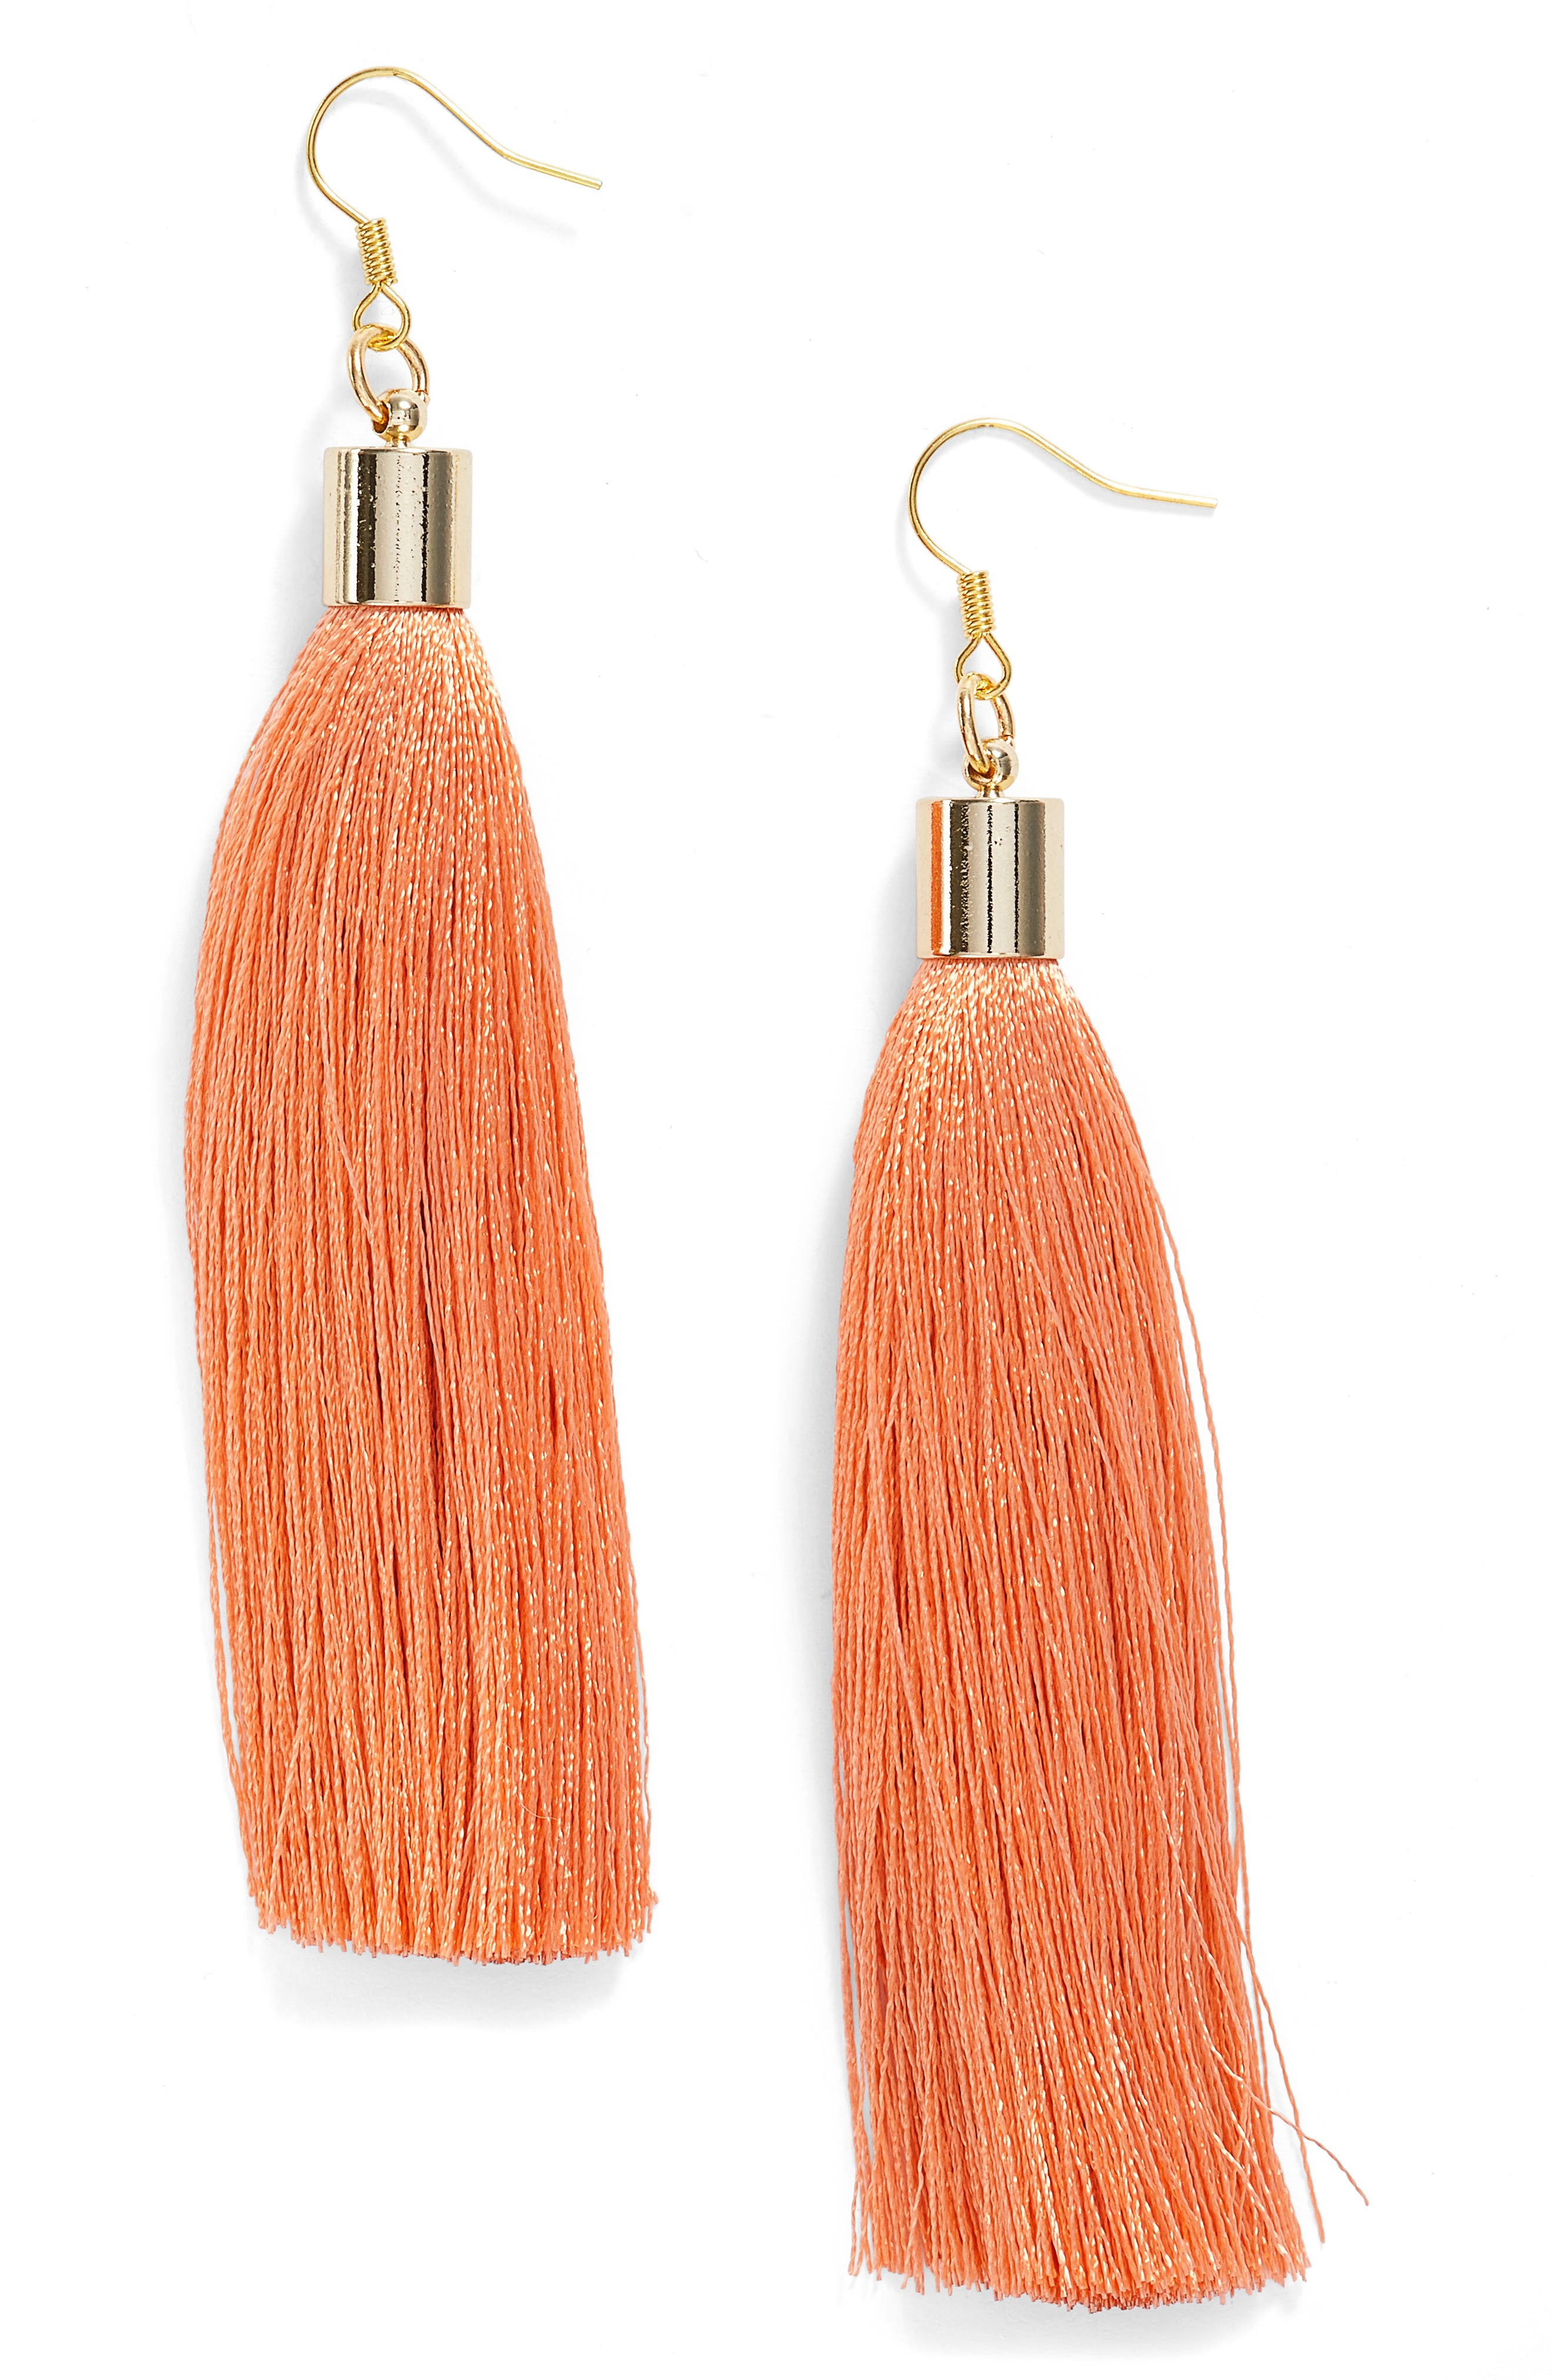 Alternate Image 1 Selected - Love's Affect Silk Tassel Earrings